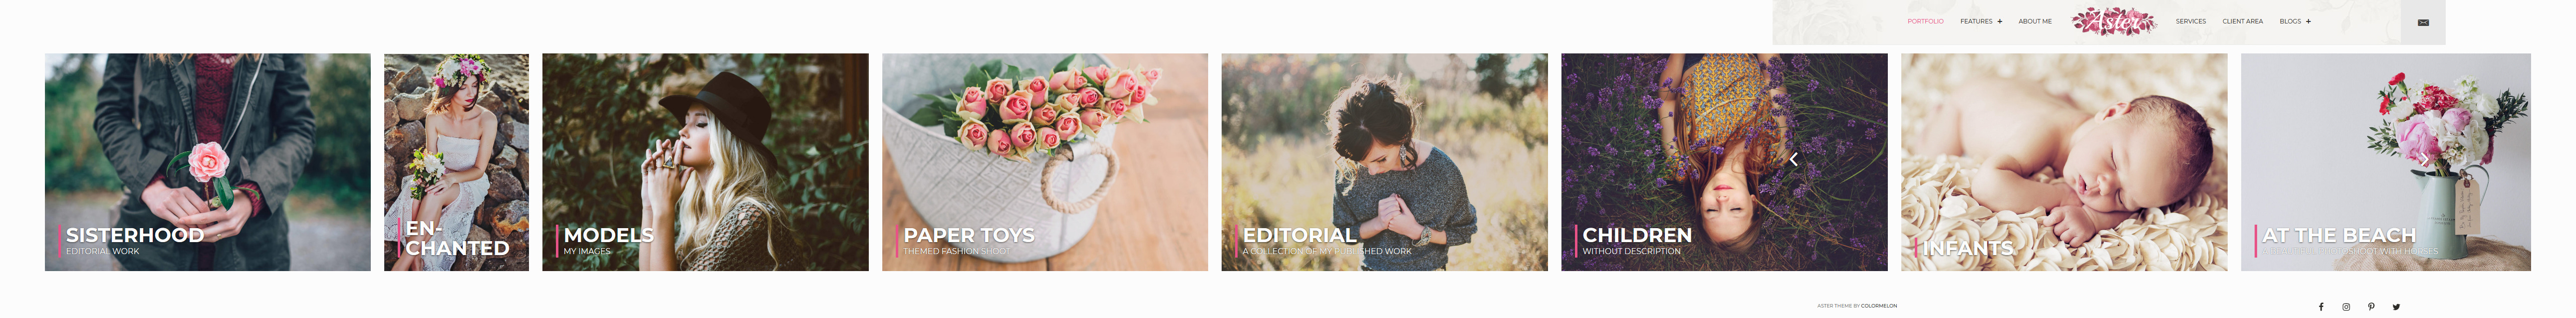 aster best premium feminine wordpress theme - 10+ Best Feminine WordPress Themes (Premium Version)